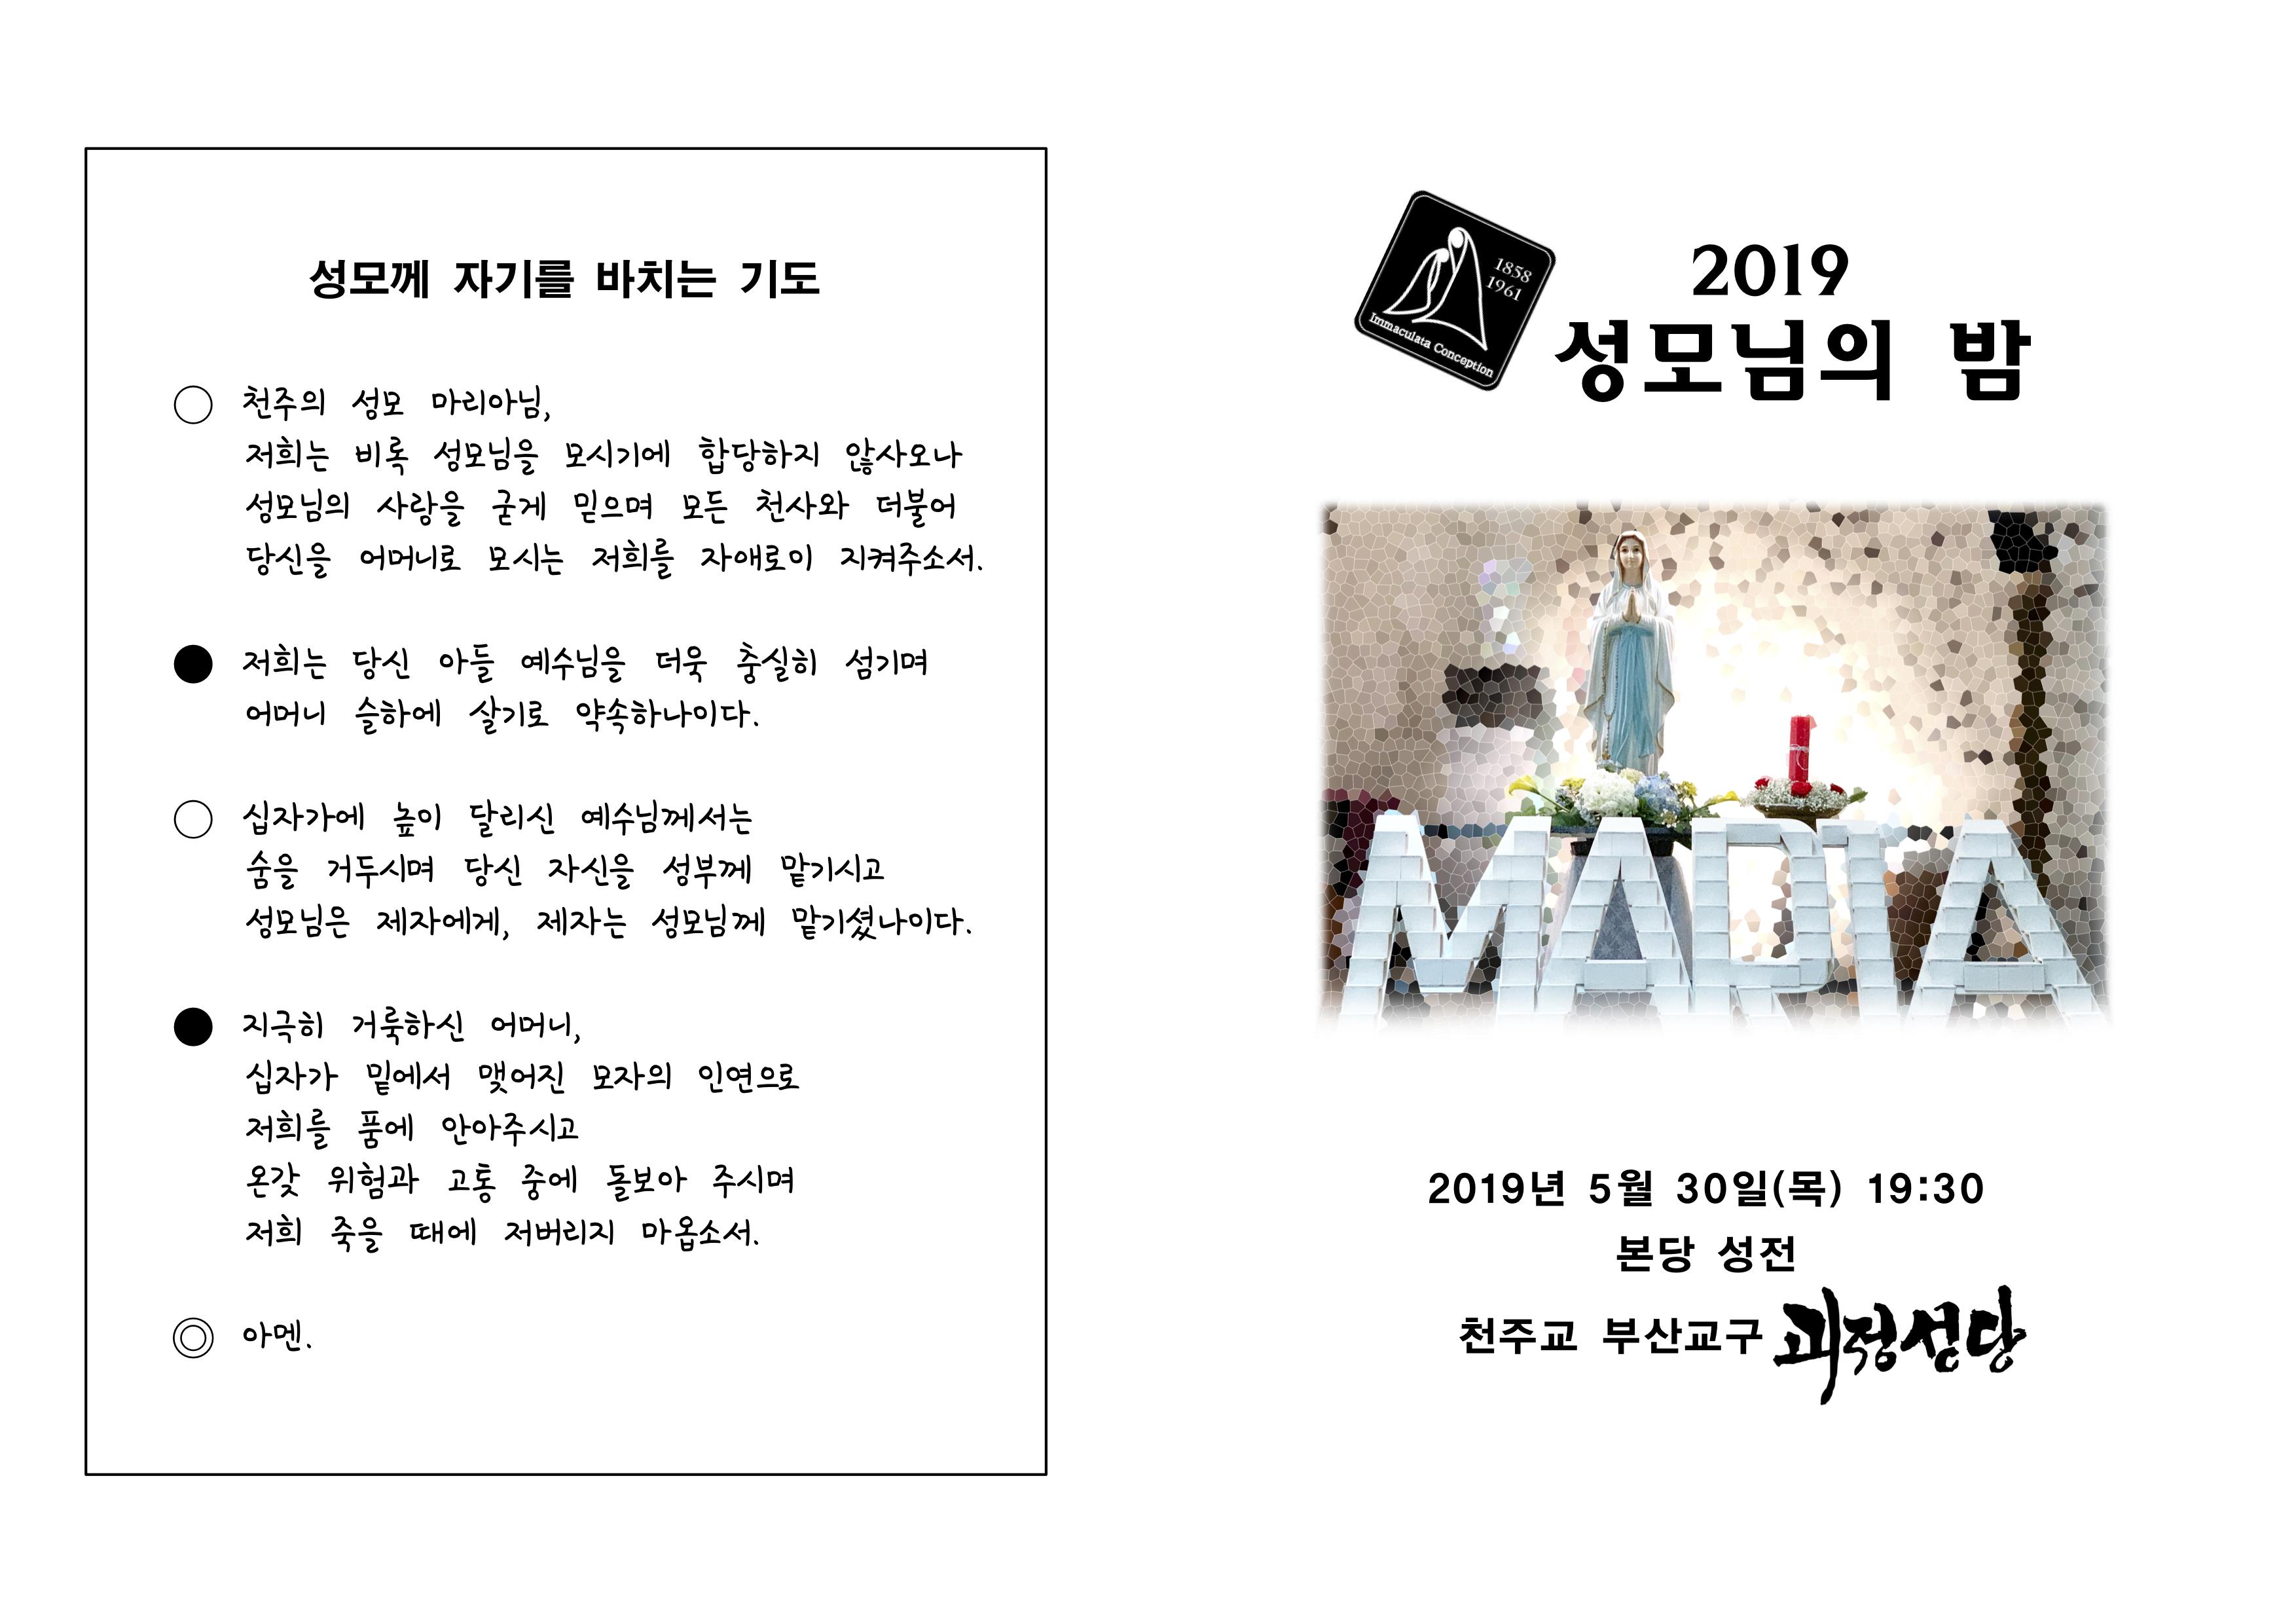 성모님의 밤(2019)-수정2.jpg